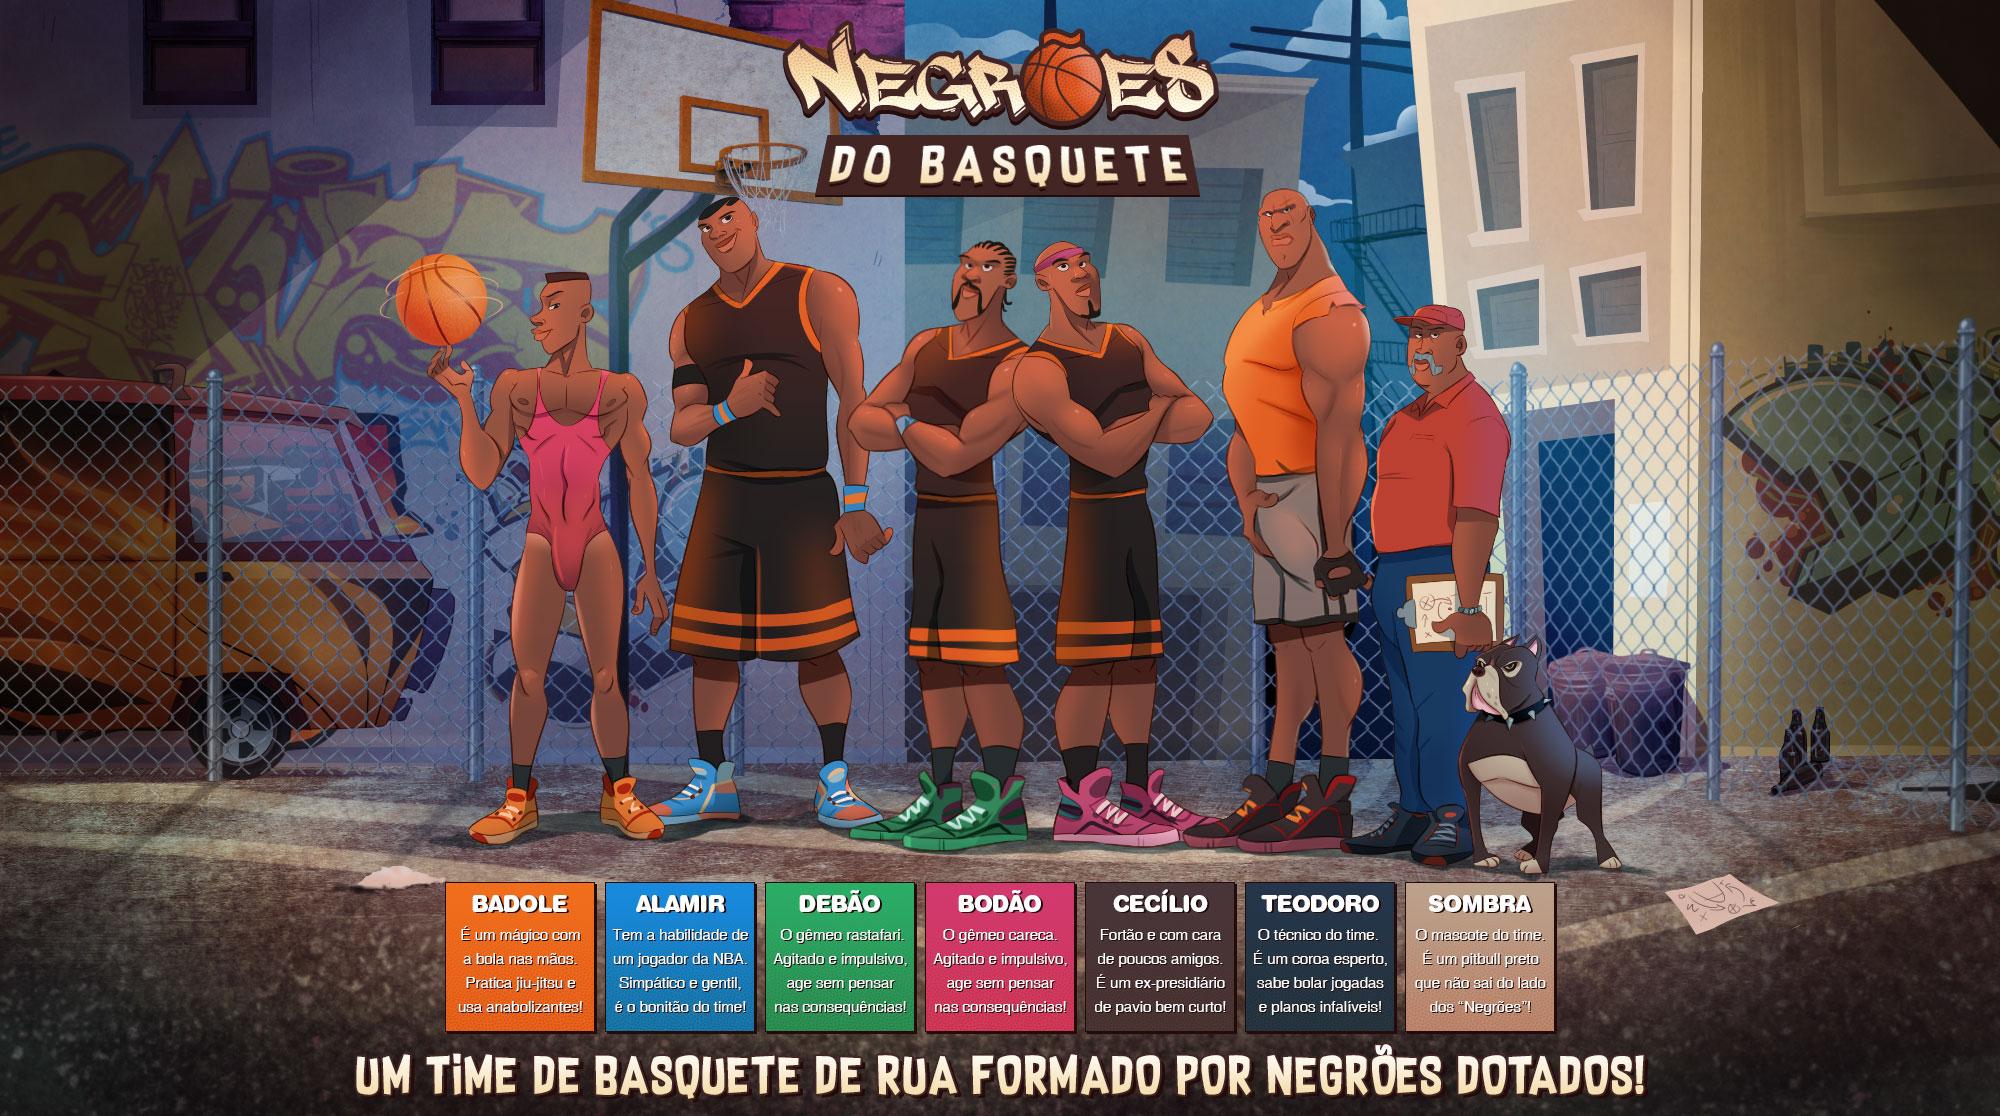 Negrões do Basquete - header